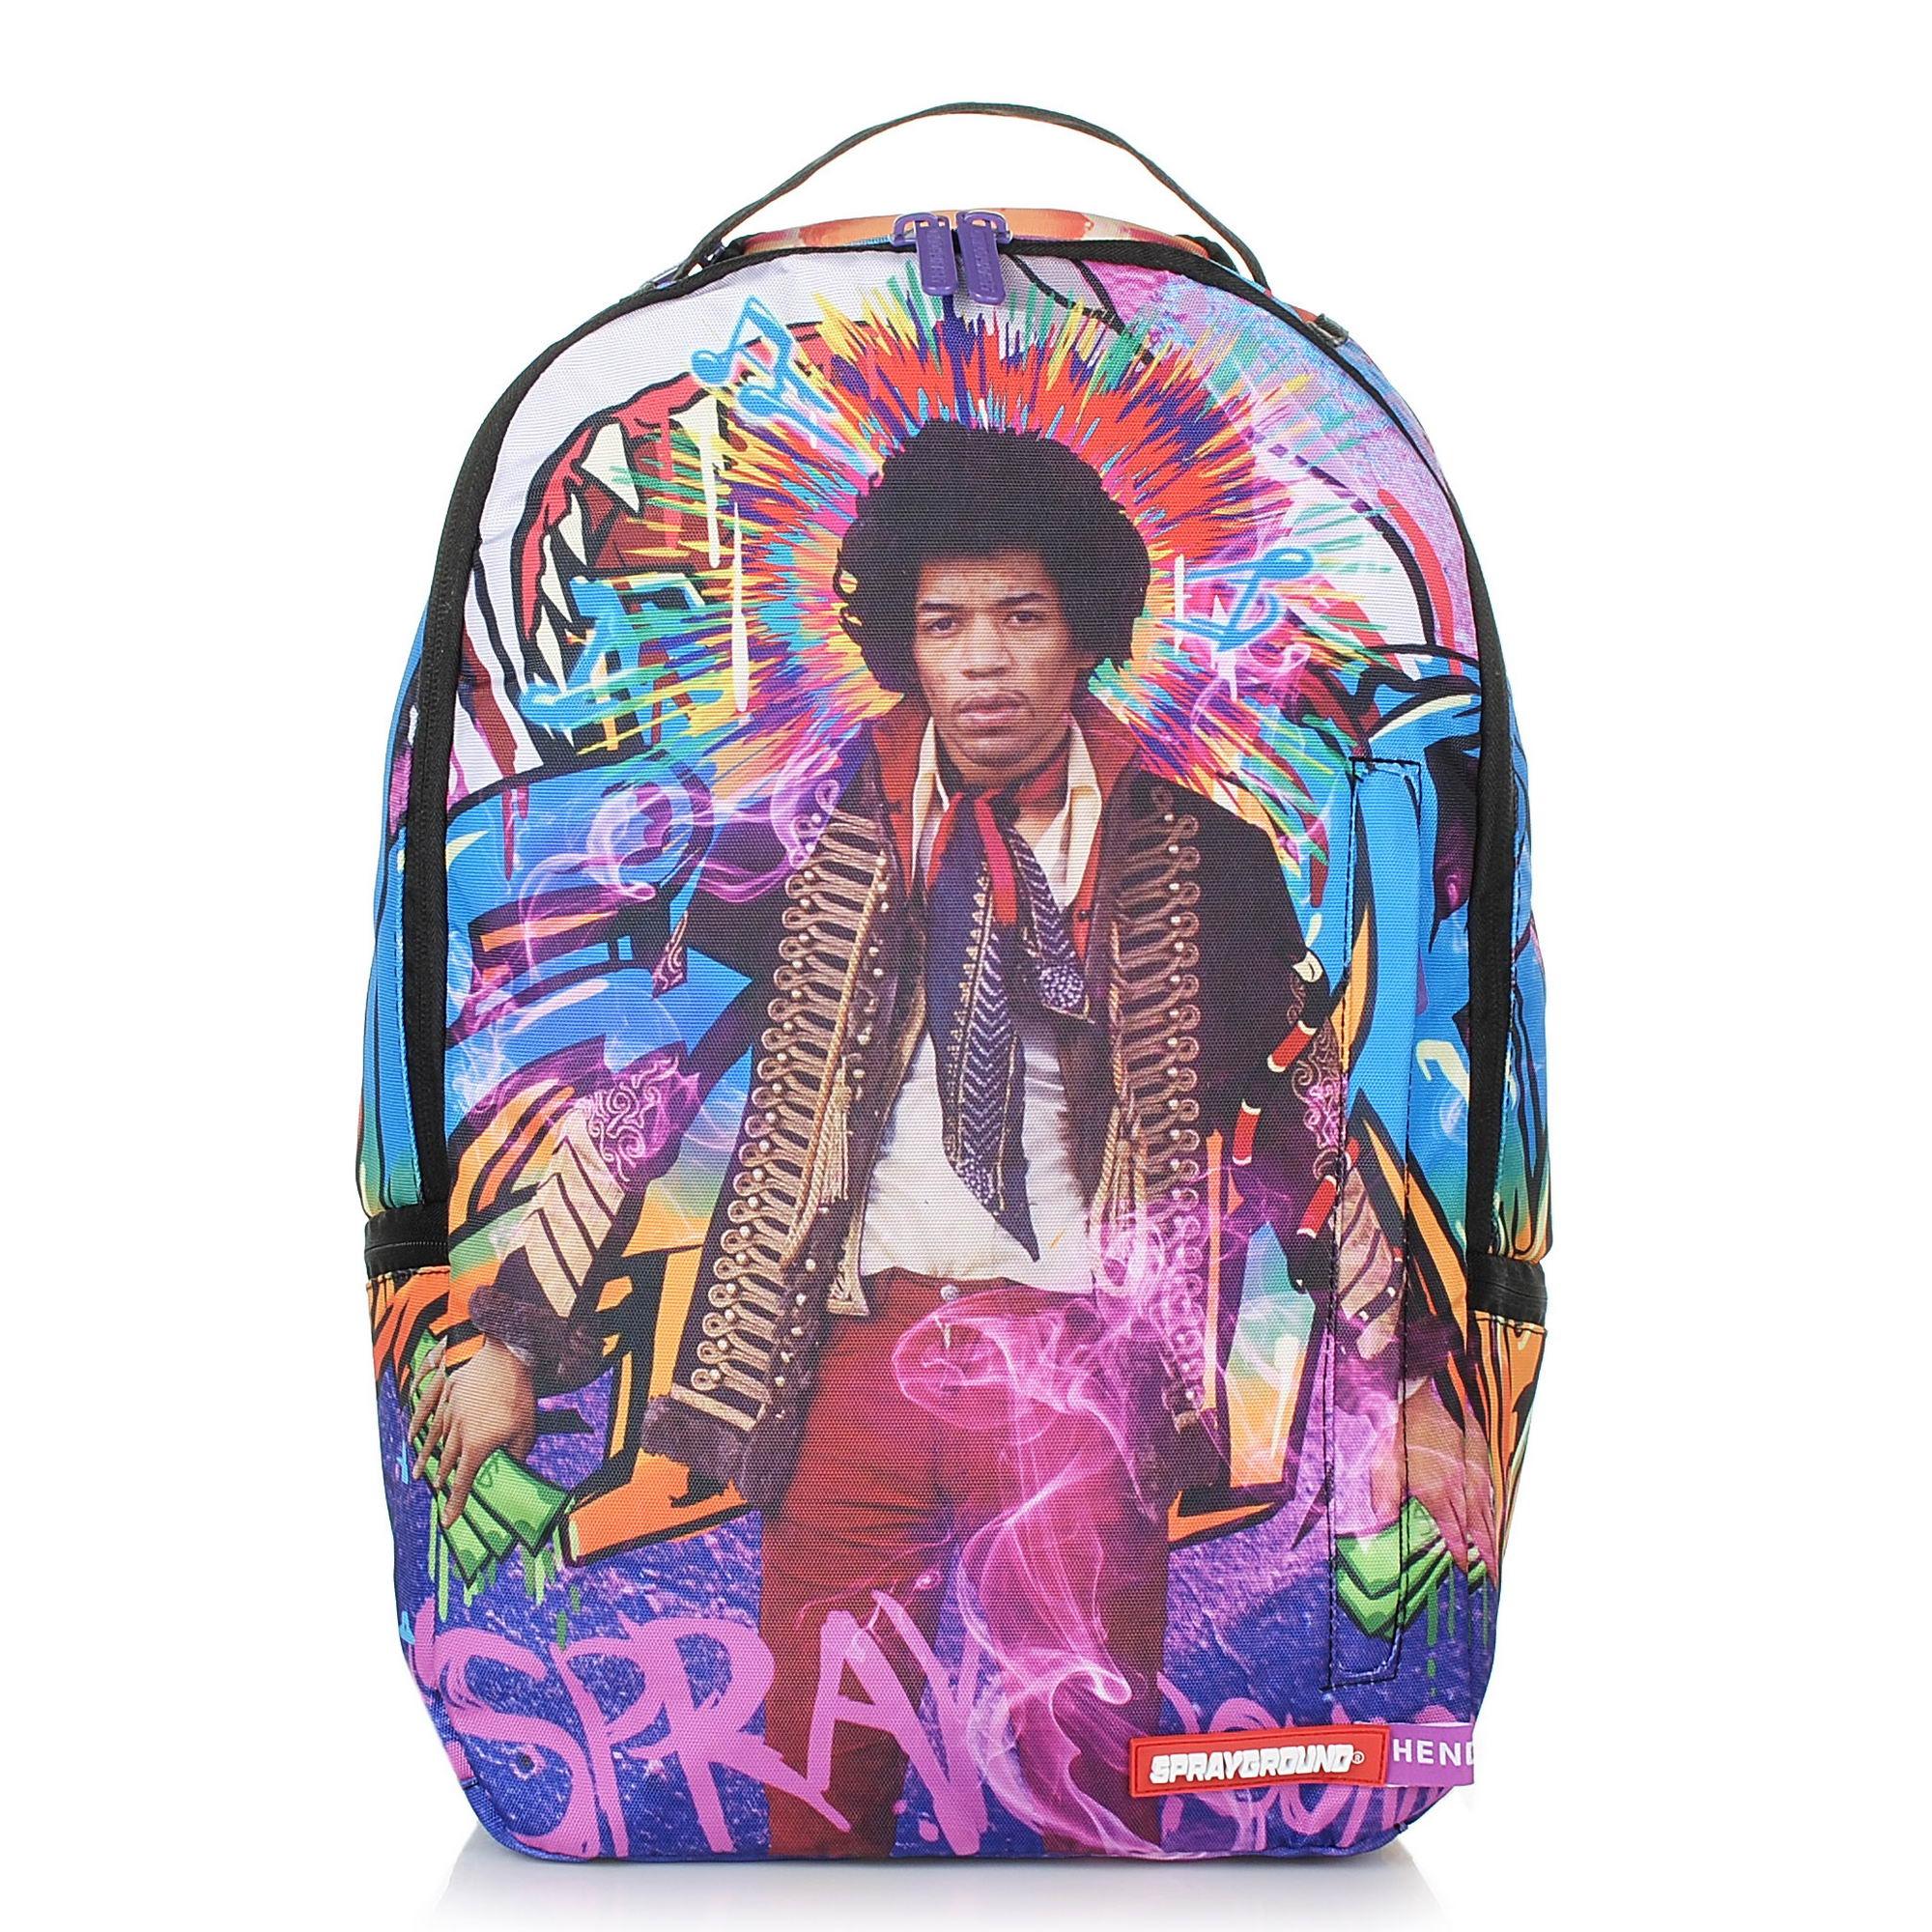 Σακίδιο Πλάτης Sprayground Jimi Hendrix Dream Backpack 910B1306NSZ ανδρας   σακίδιο πλάτης